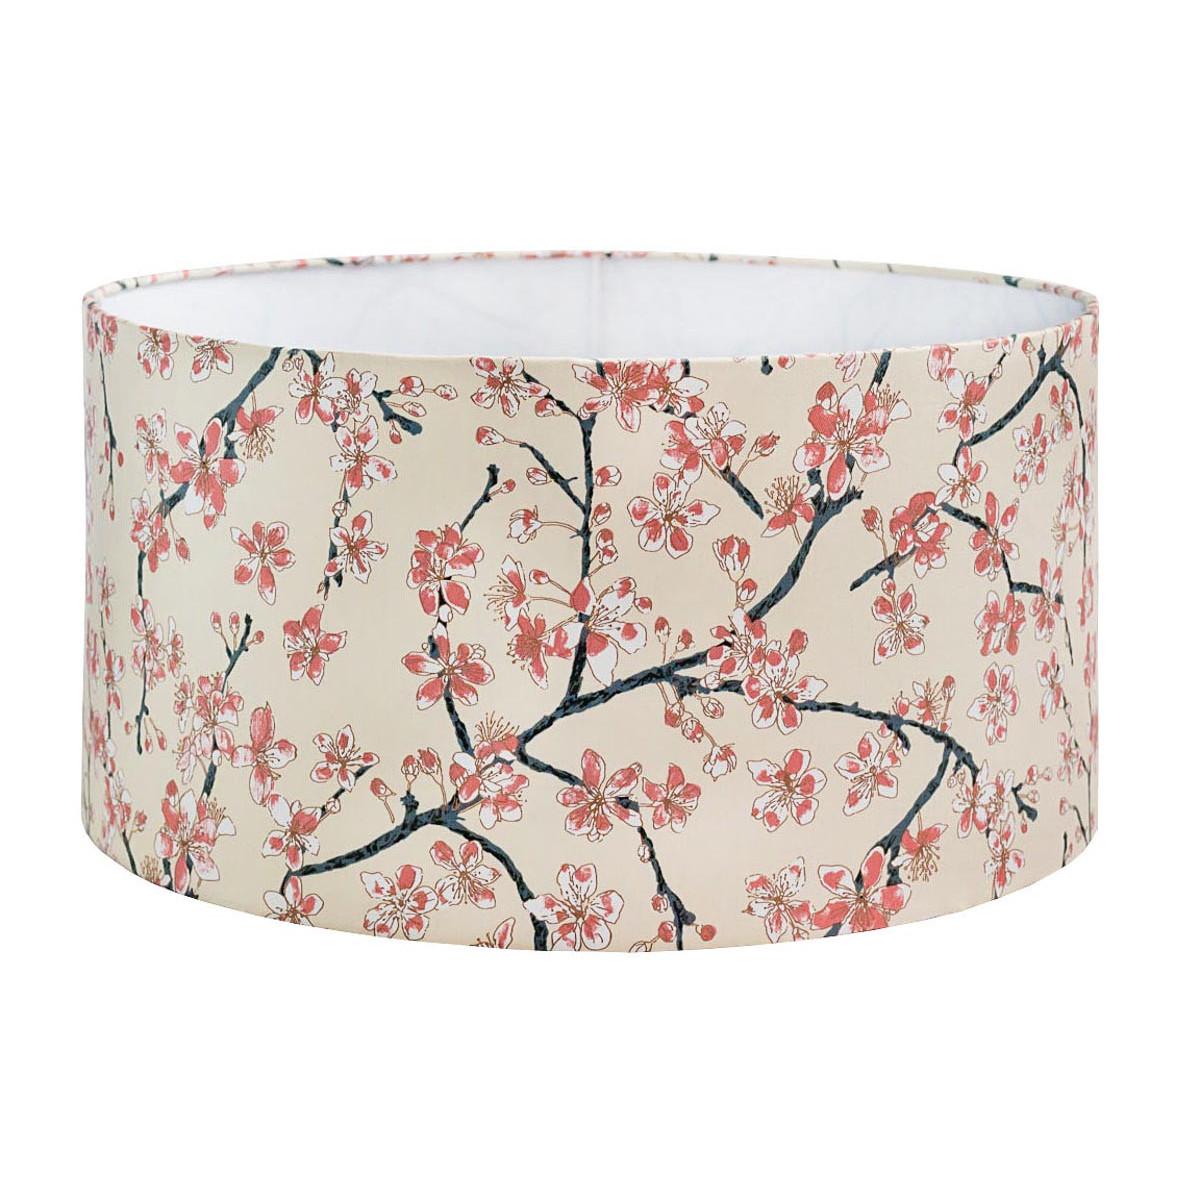 Grand abat-jour rond beige crème et fleurs cerisiers